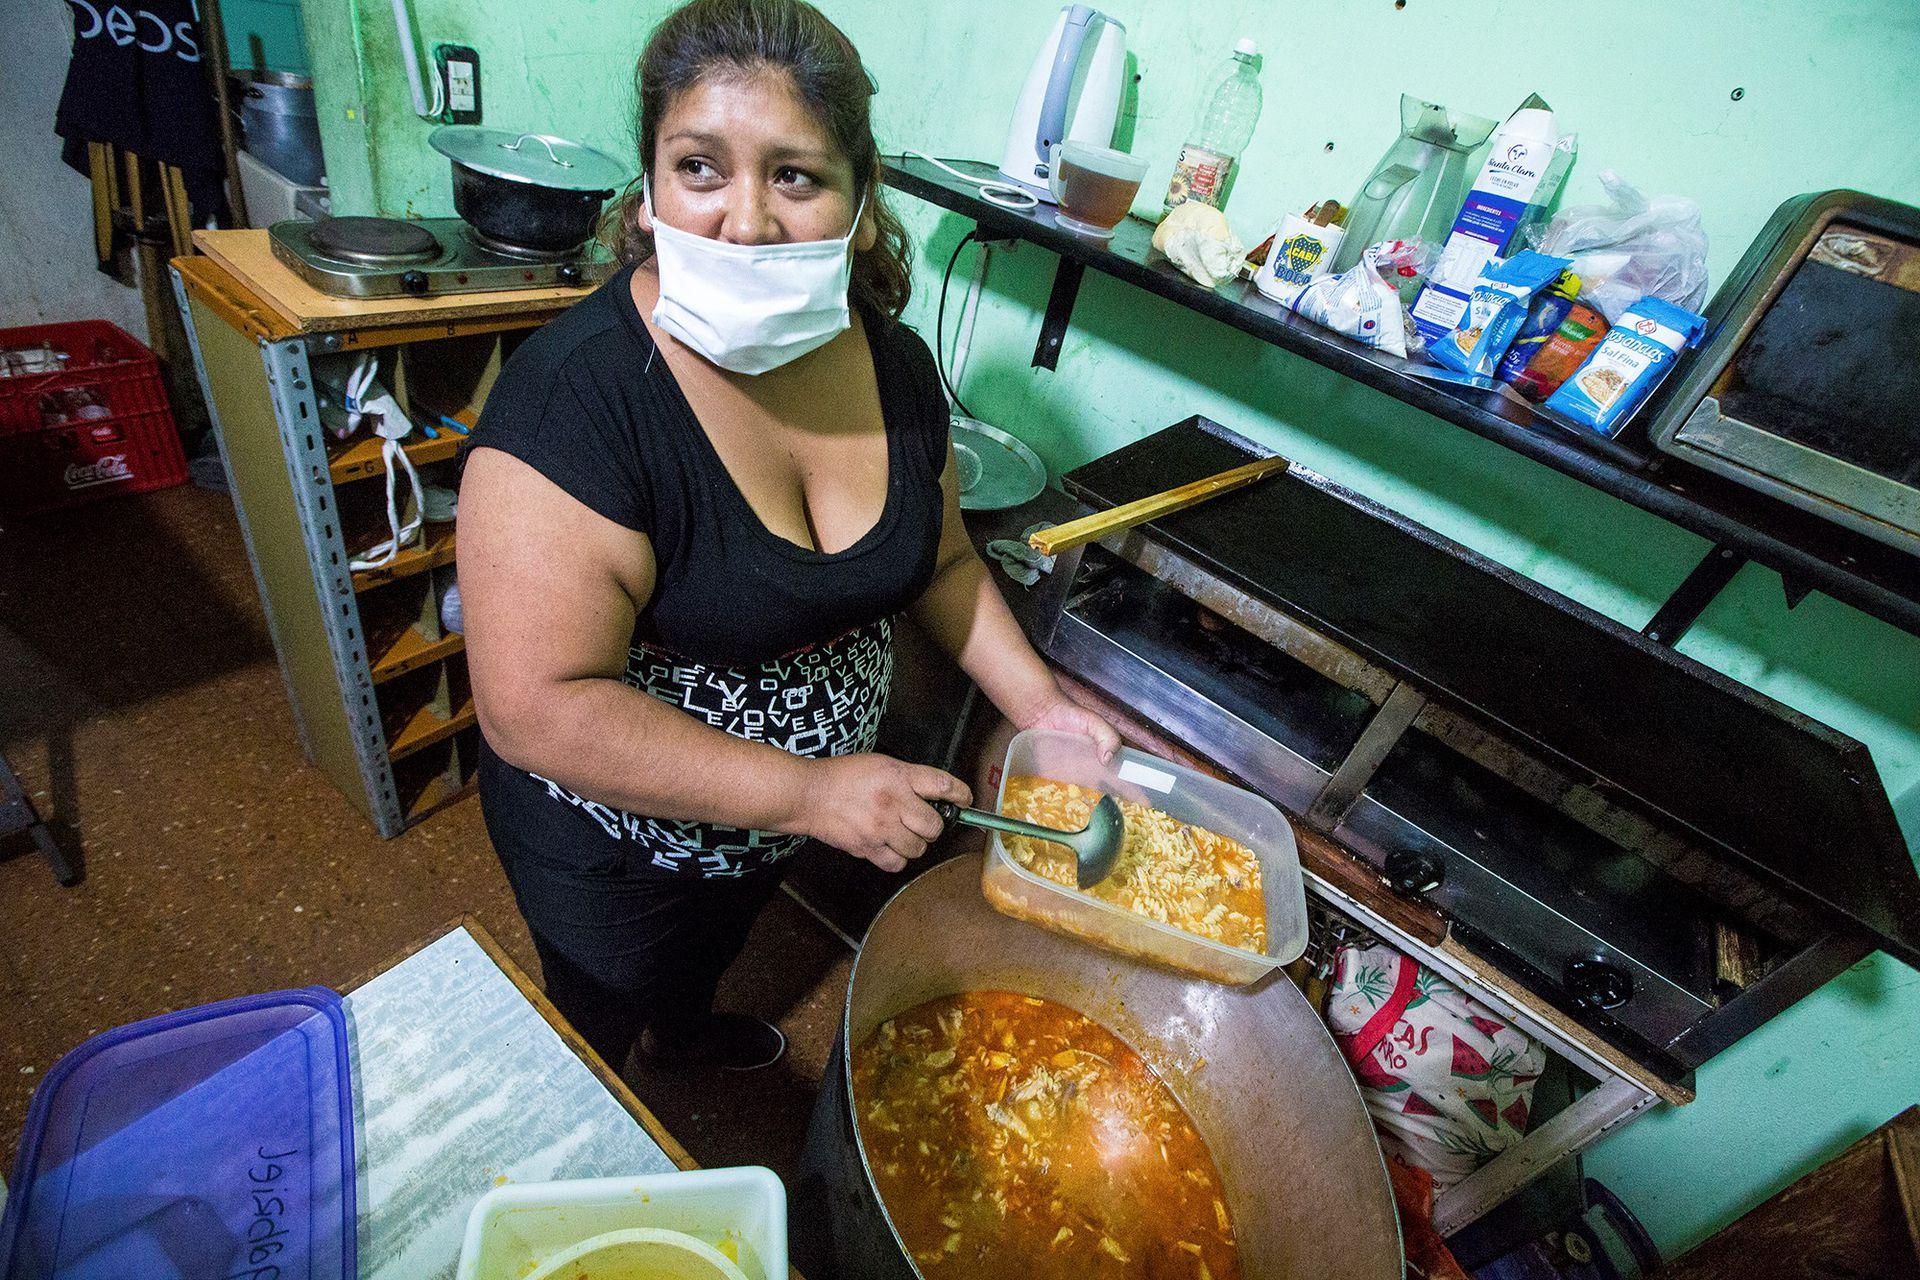 En su kiosco ubicado en La Boca, Susana Vilte cocina a diario para más de 100 personas